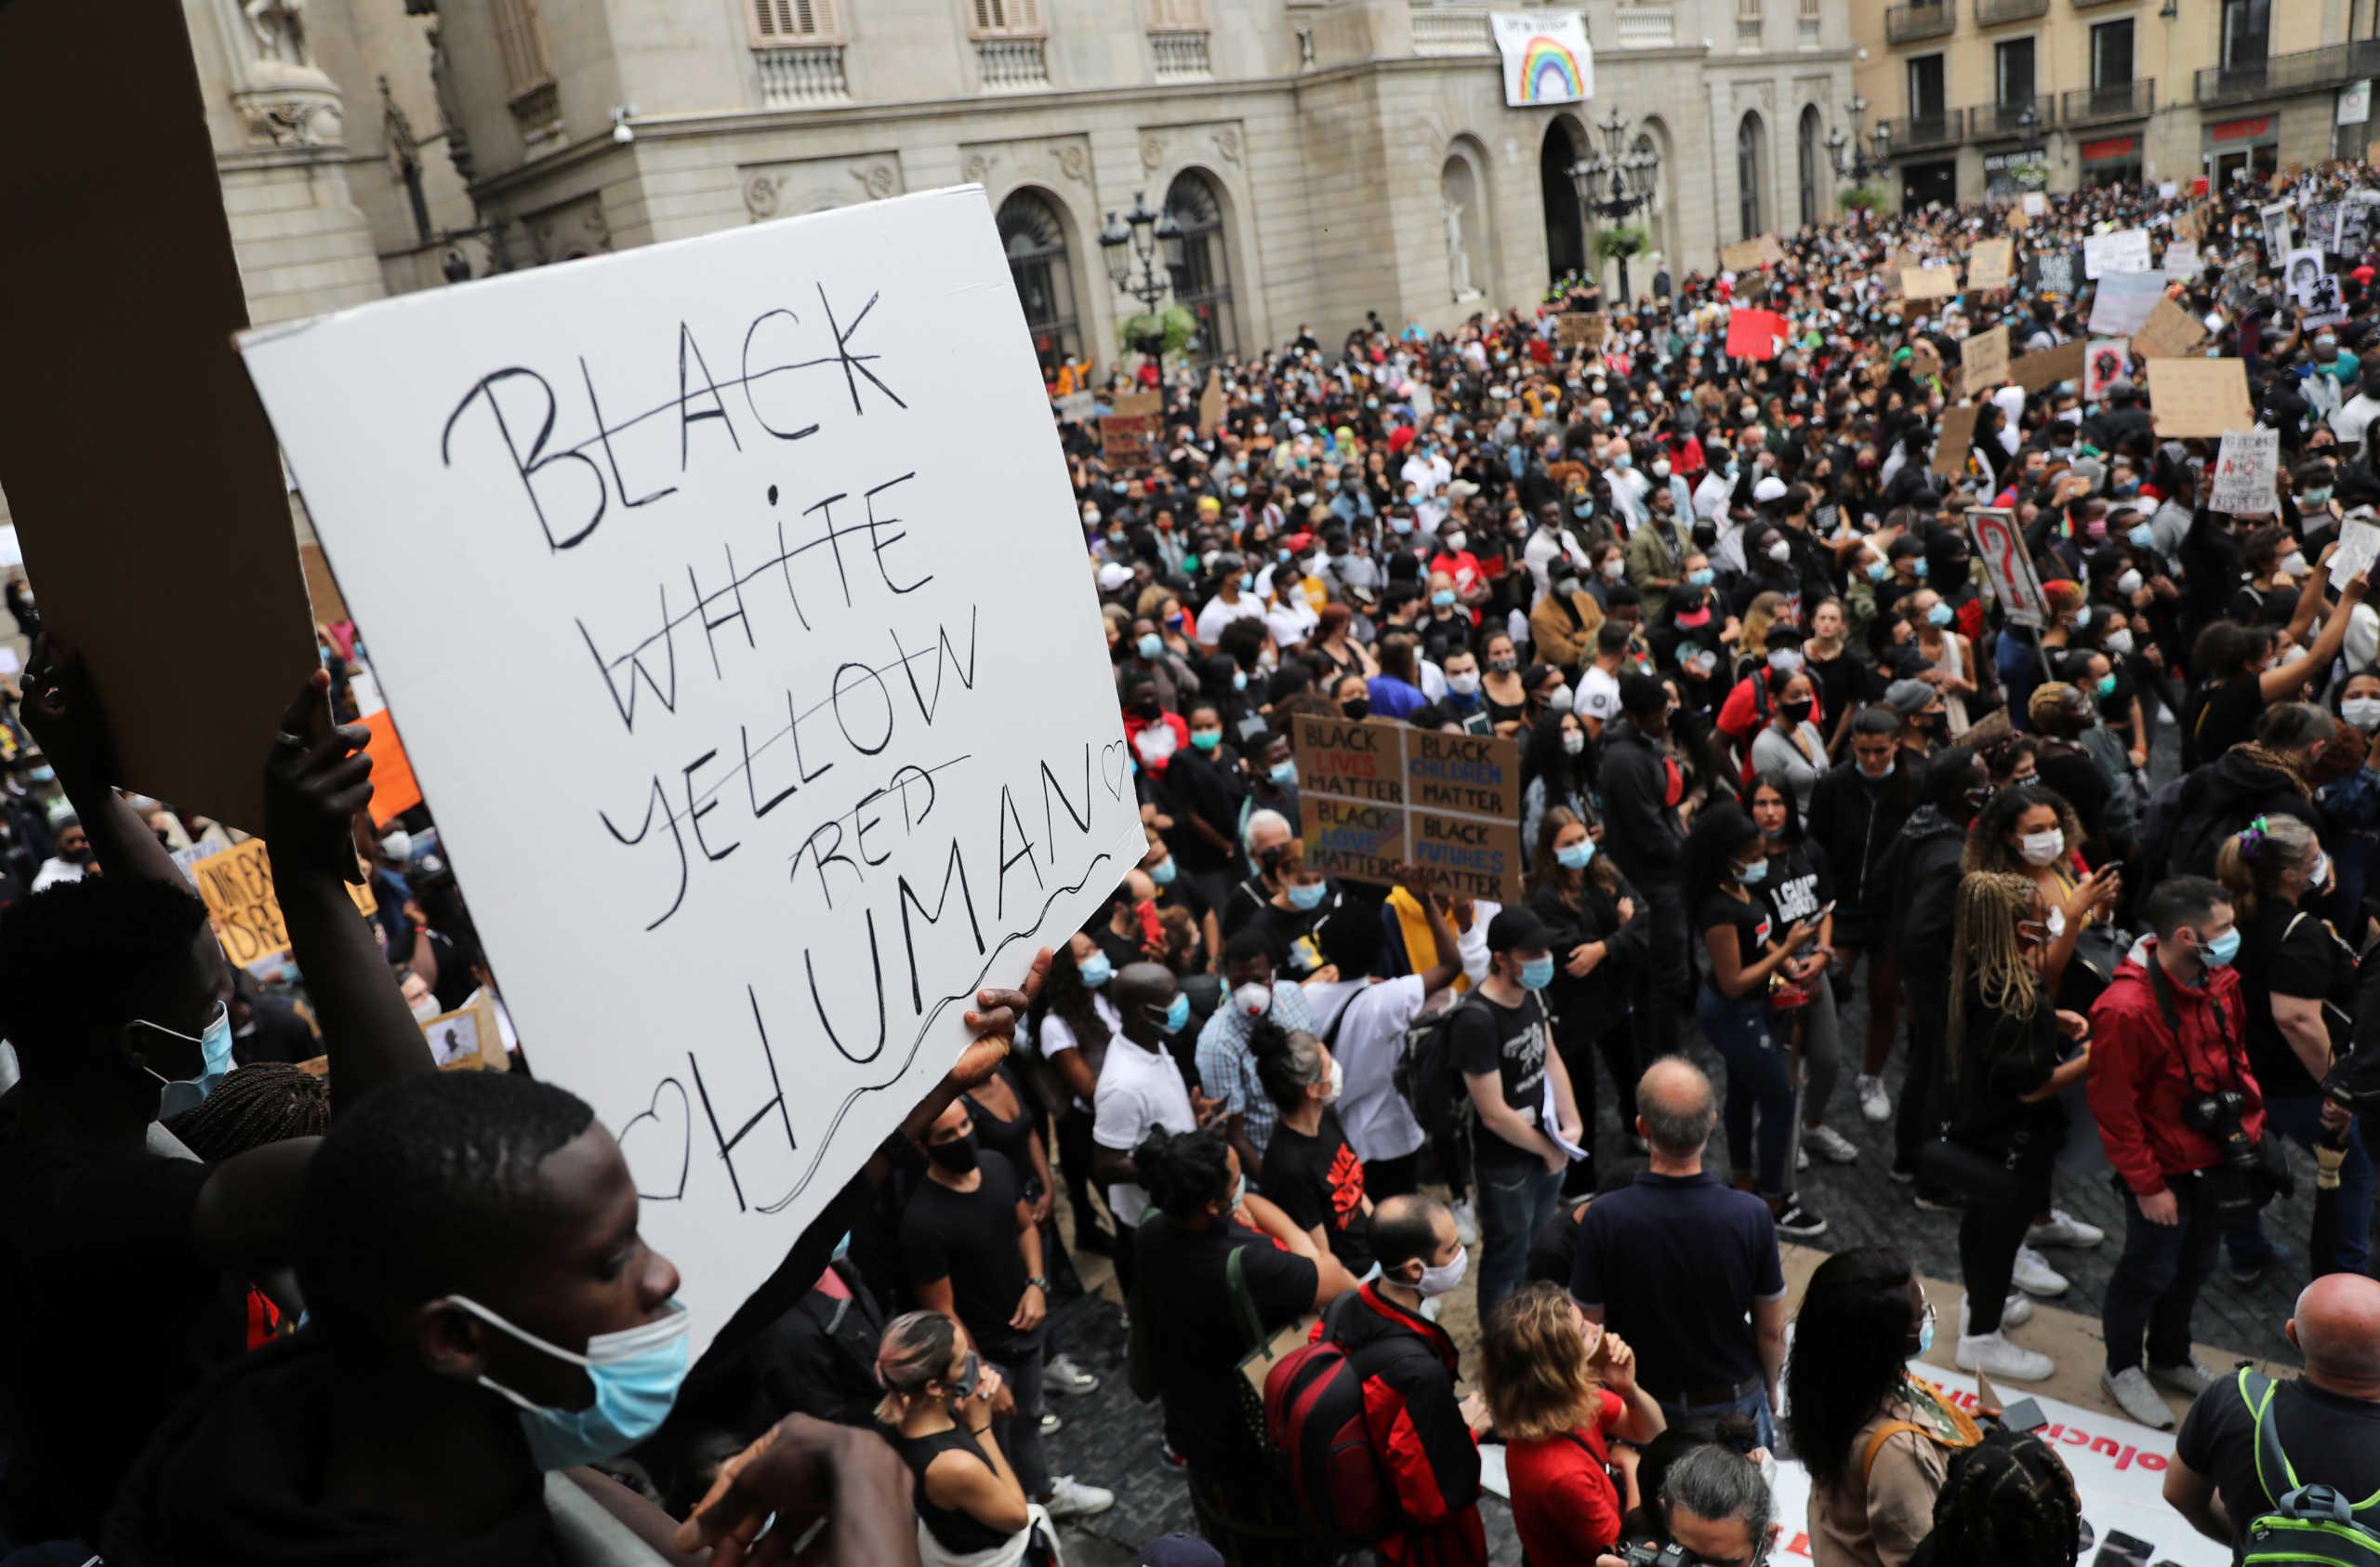 Μεγάλες διαδηλώσεις σε Μαδρίτη και Βαρκελώνη για τον Τζορτζ Φλόιντ (pics)